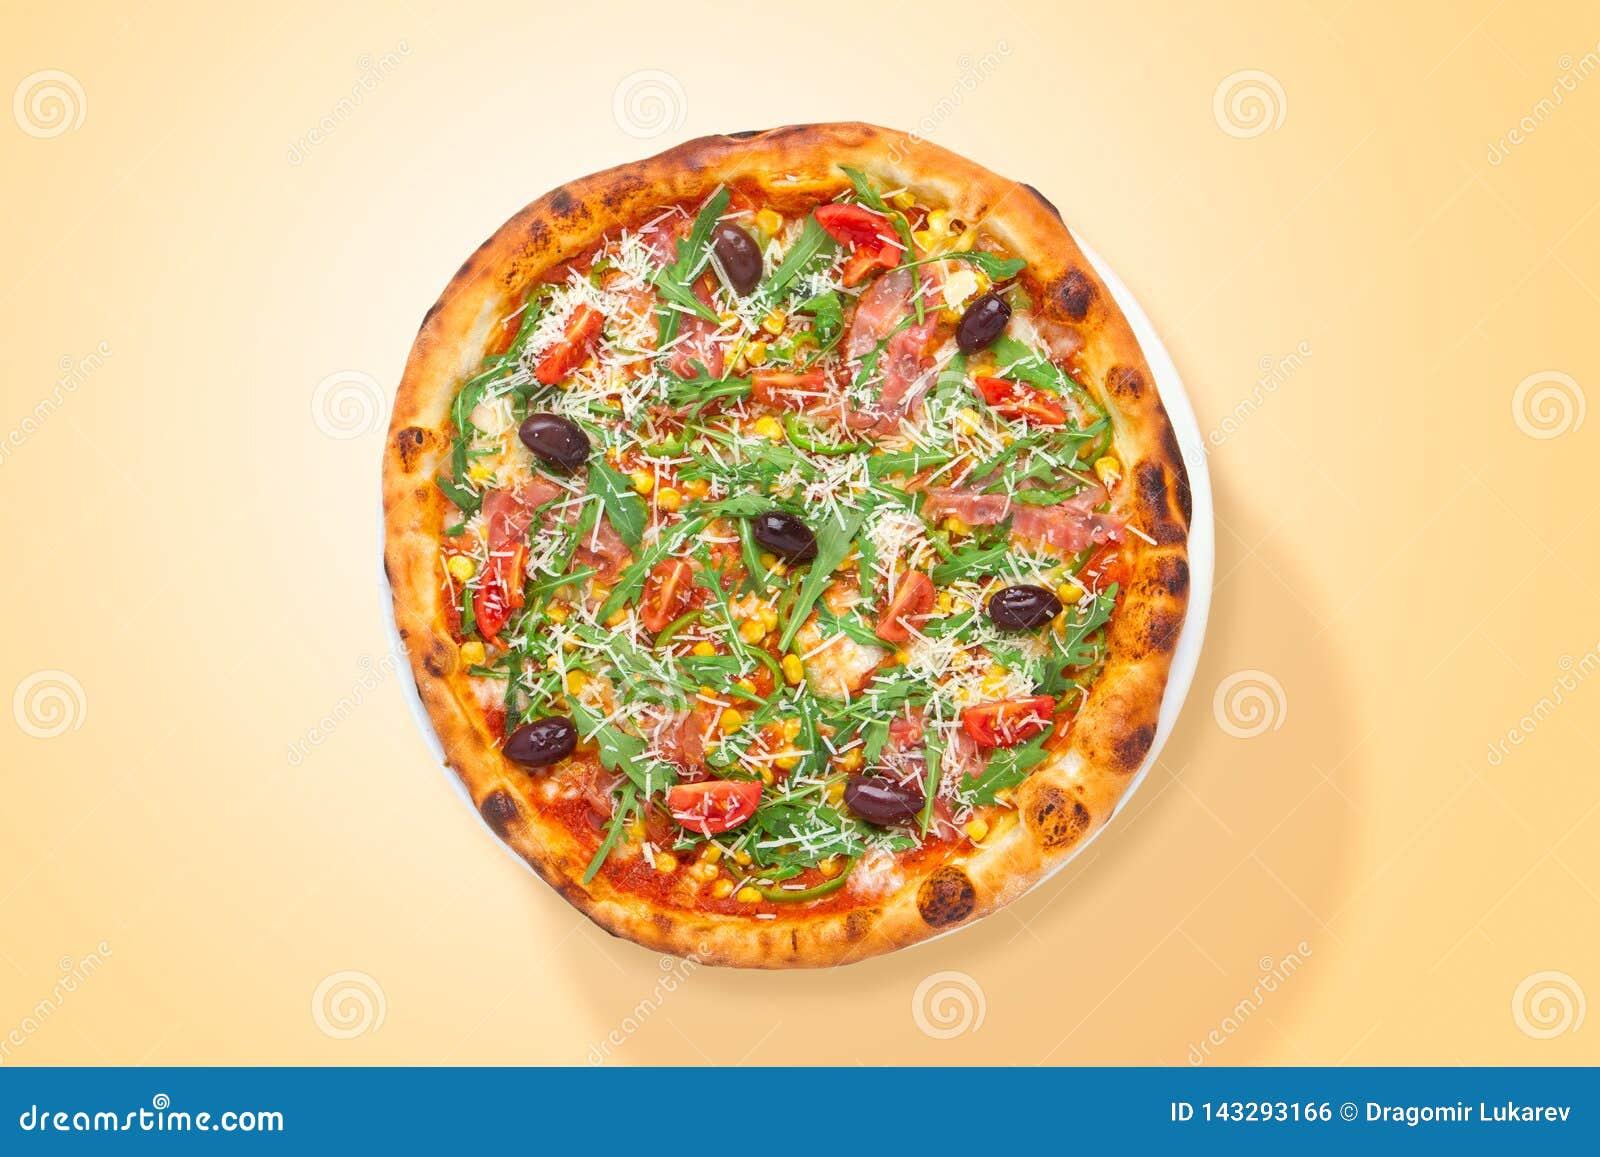 Domowej roboty Włoska pizza z prosciutto i warzywami jedzenie od above